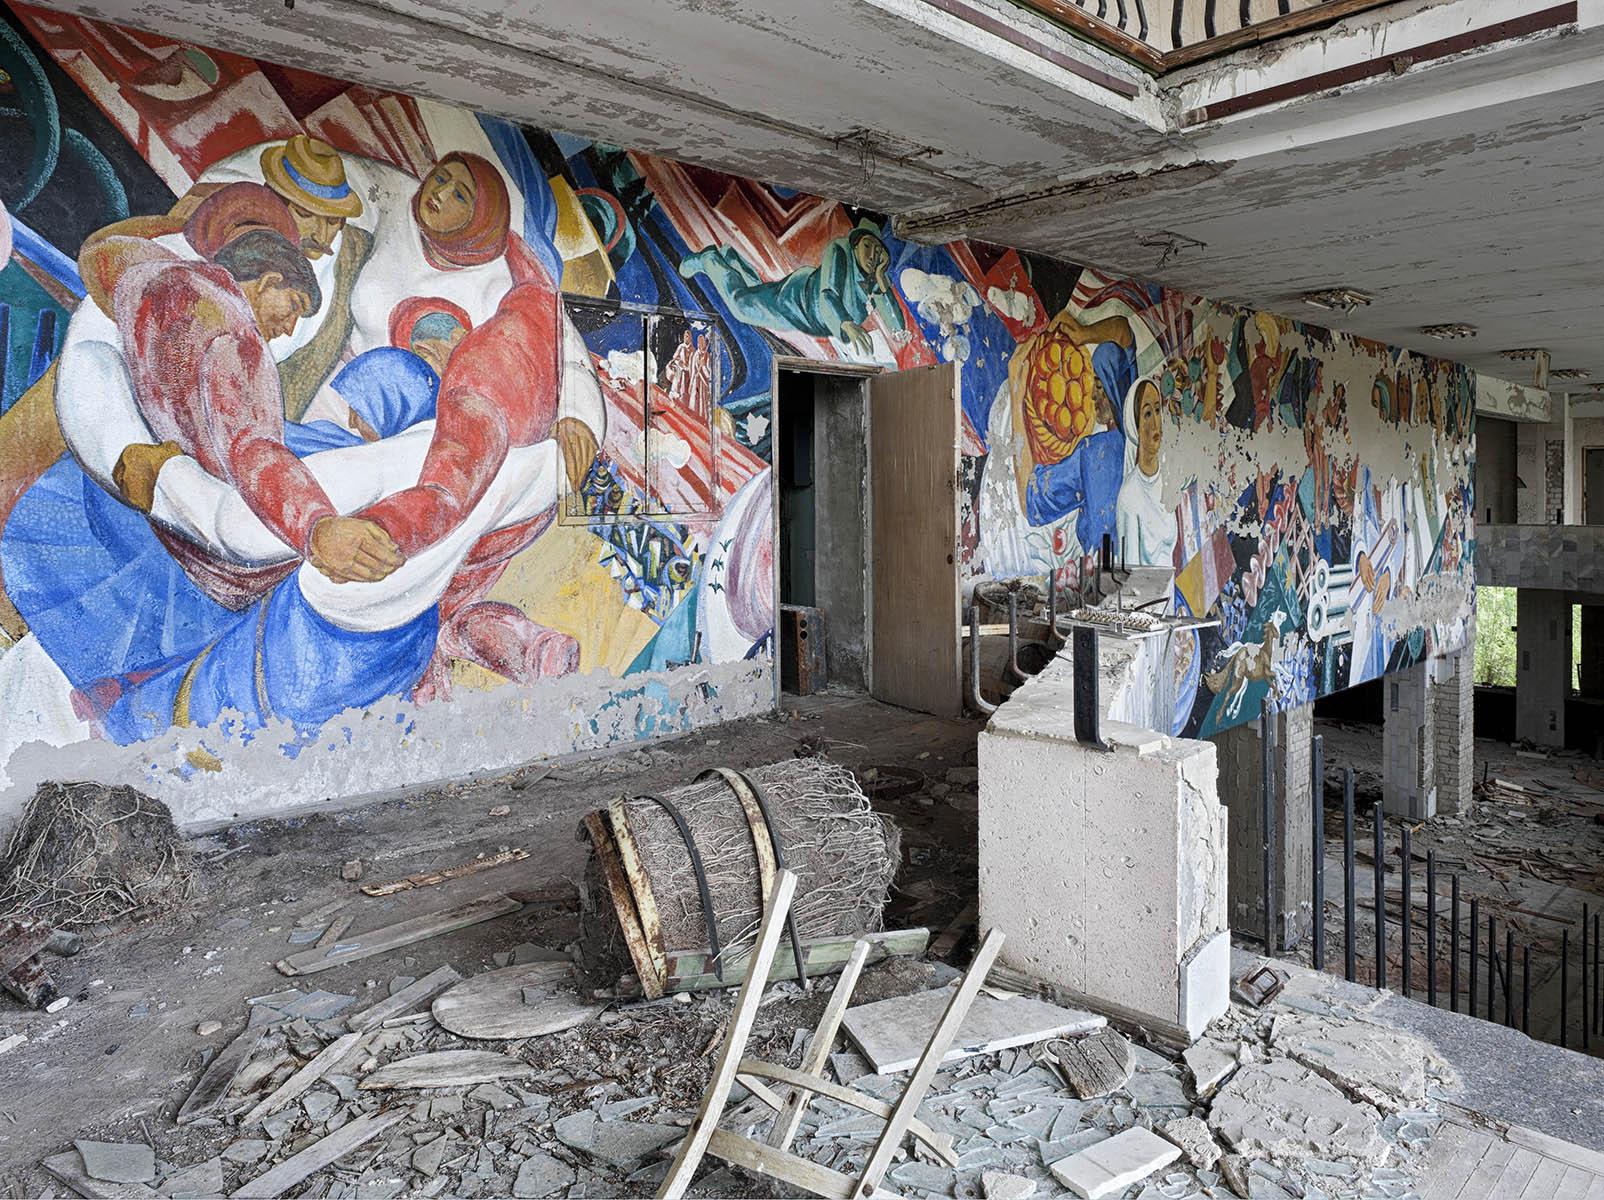 chernobyl_pripyat_11